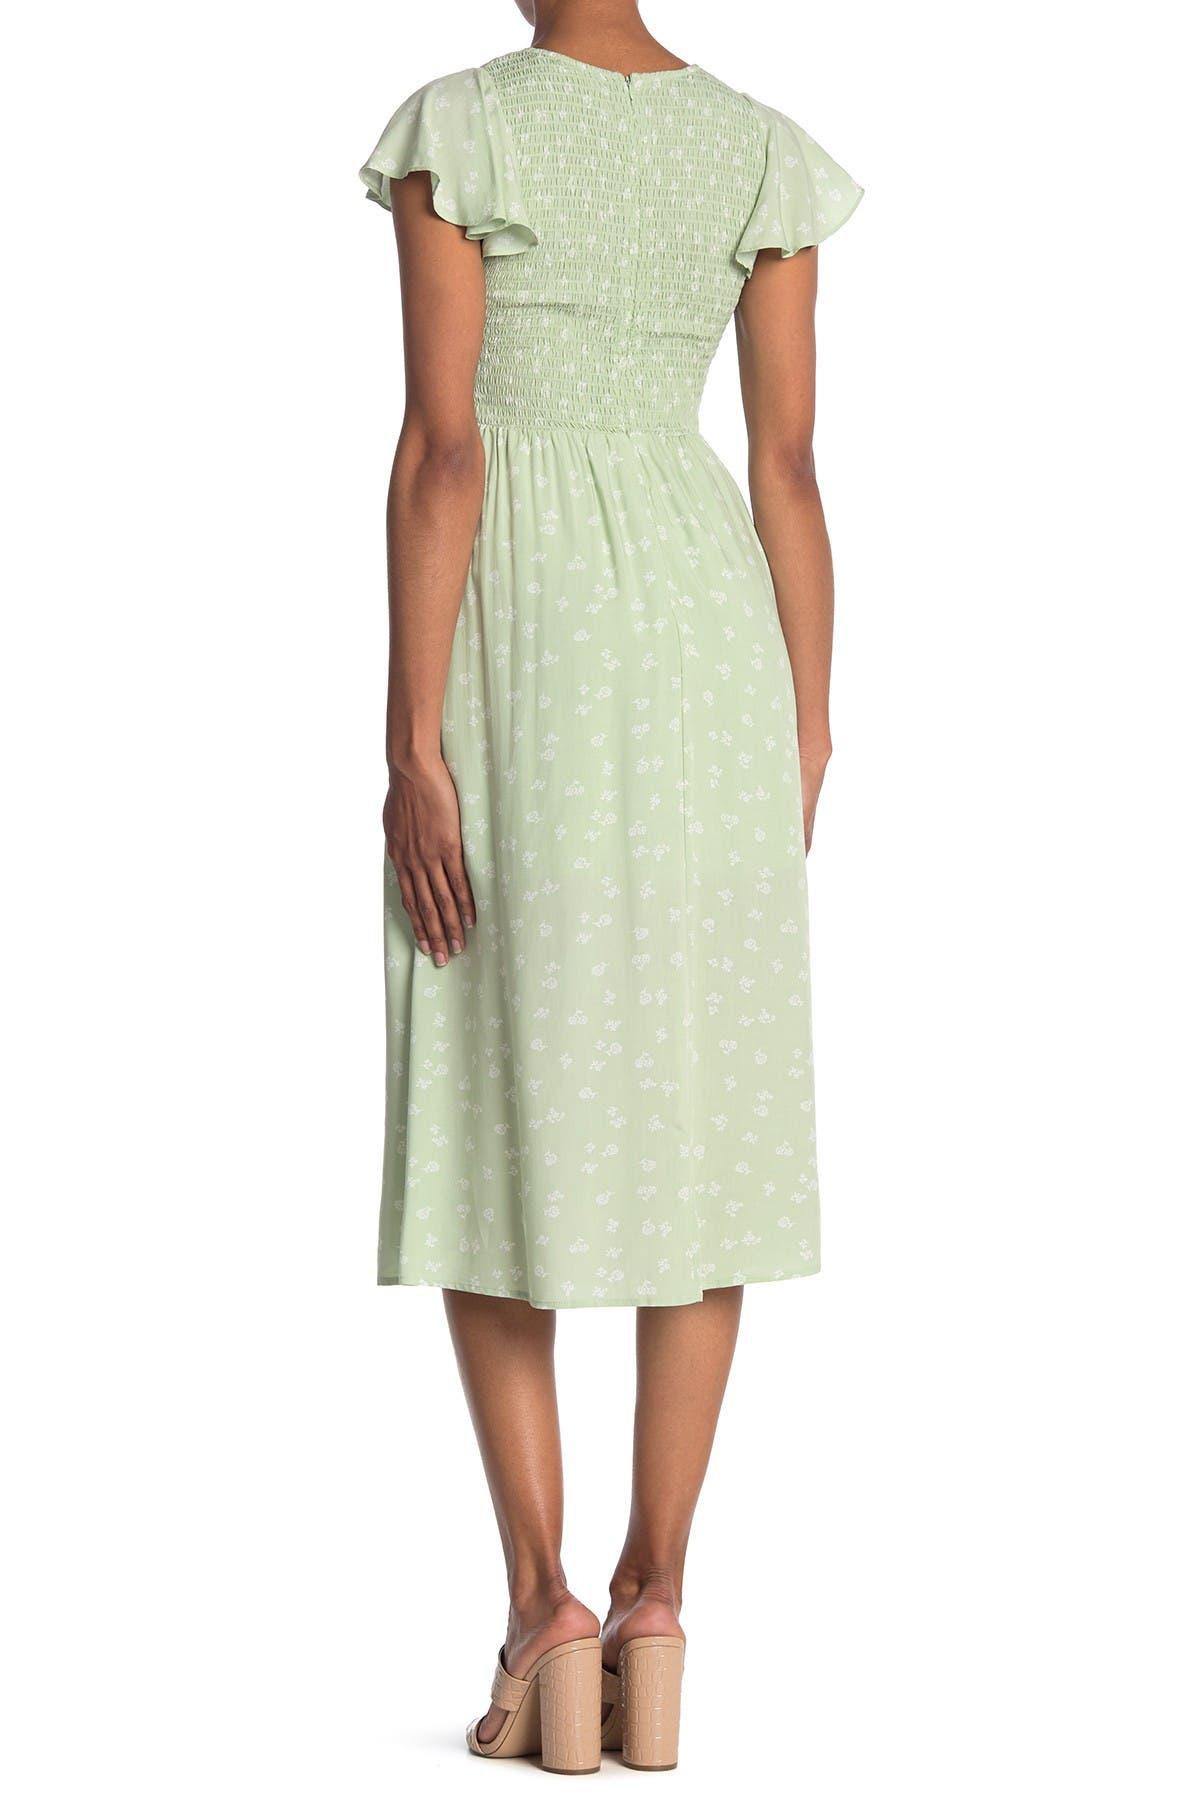 Image of Elodie Floral Smocked Midi Dress